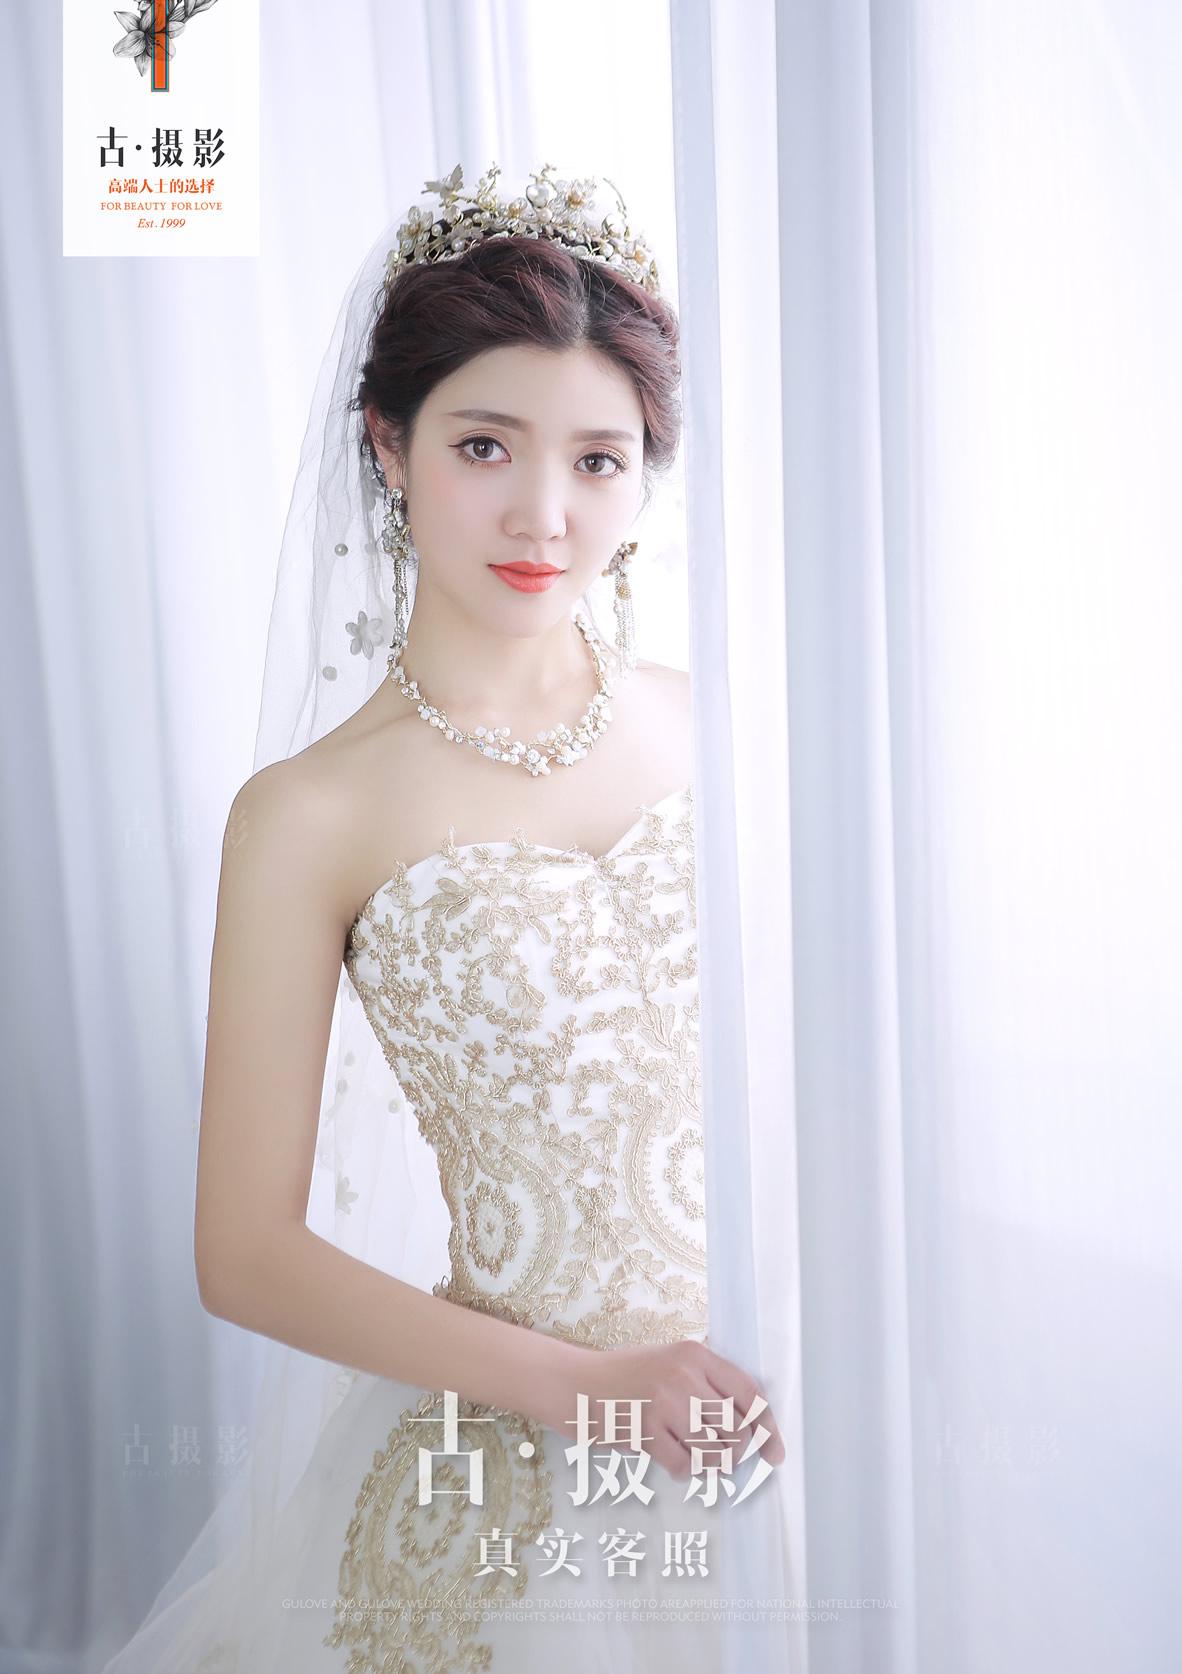 6月6日客片陶先生 宋小姐 - 每日客照 - love昆明古摄影-昆明婚纱摄影网